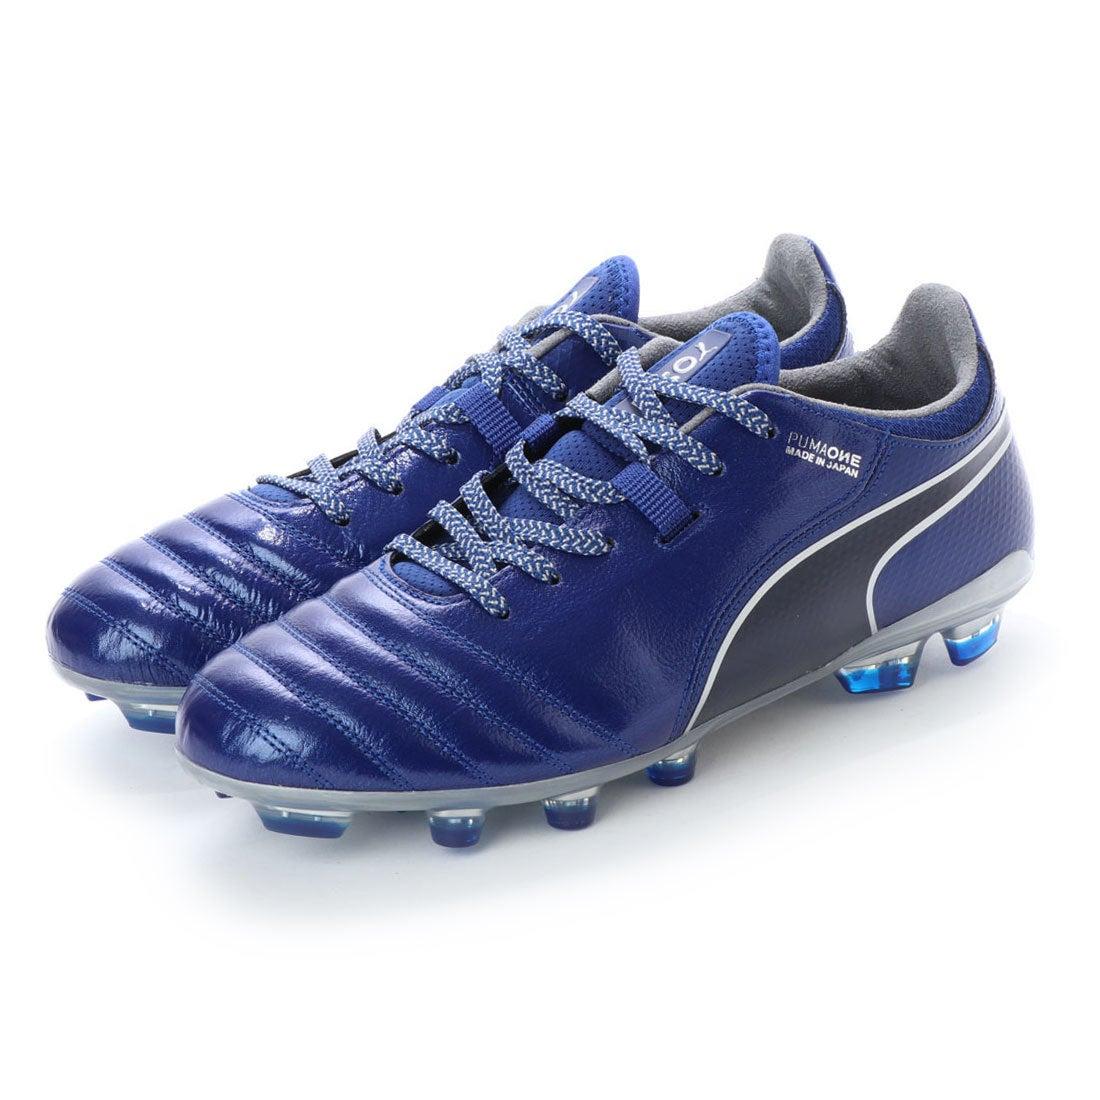 ロコンド 靴とファッションの通販サイトプーマ PUMA サッカー スパイクシューズ プーマ ワン J 1 HG 104981